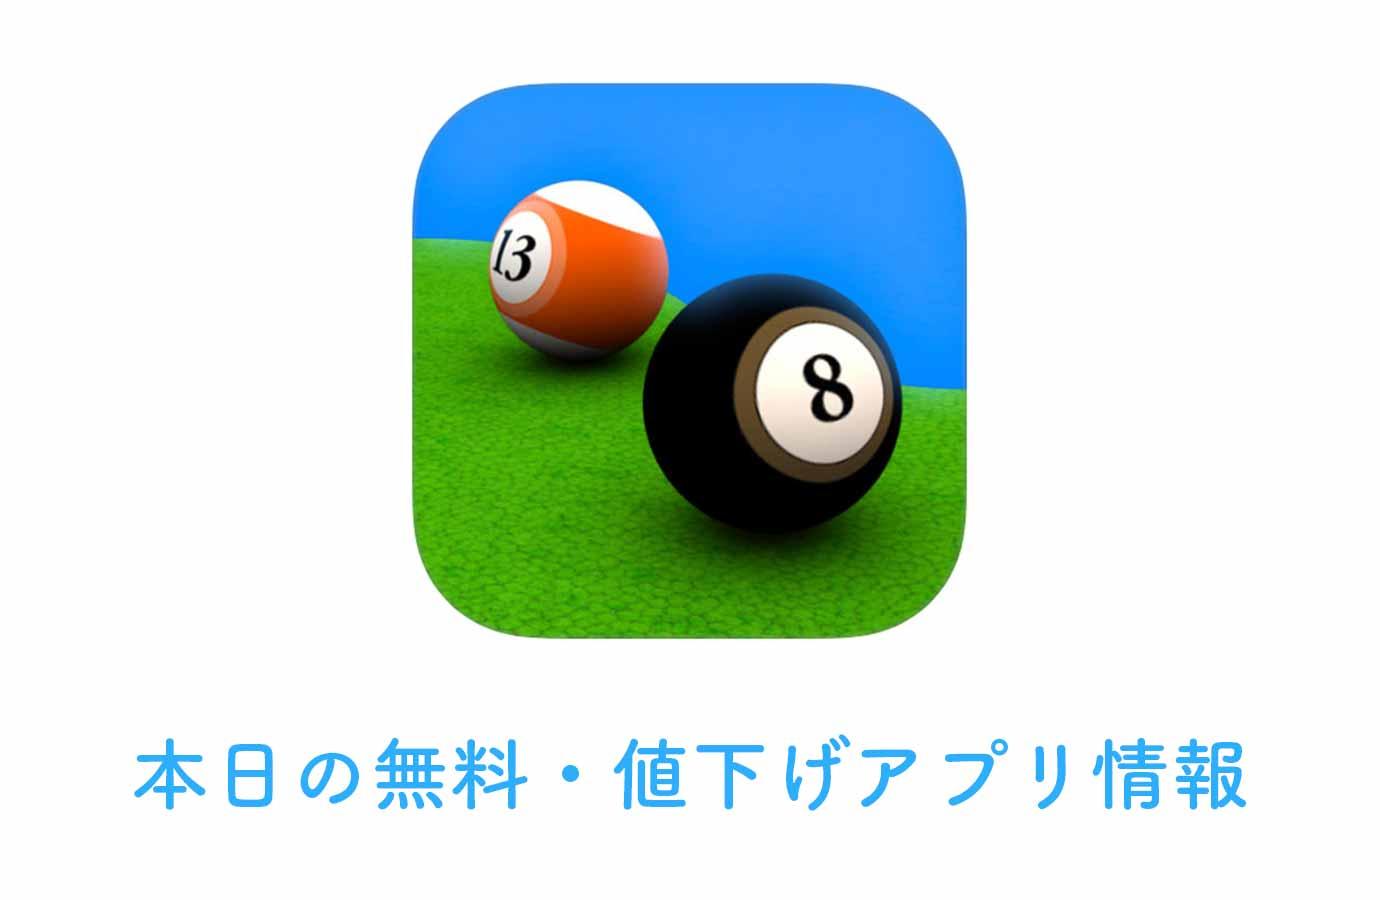 120円→無料、リアル3Dビリヤード「Pool Break」など【7/11】本日の無料・値下げアプリ情報